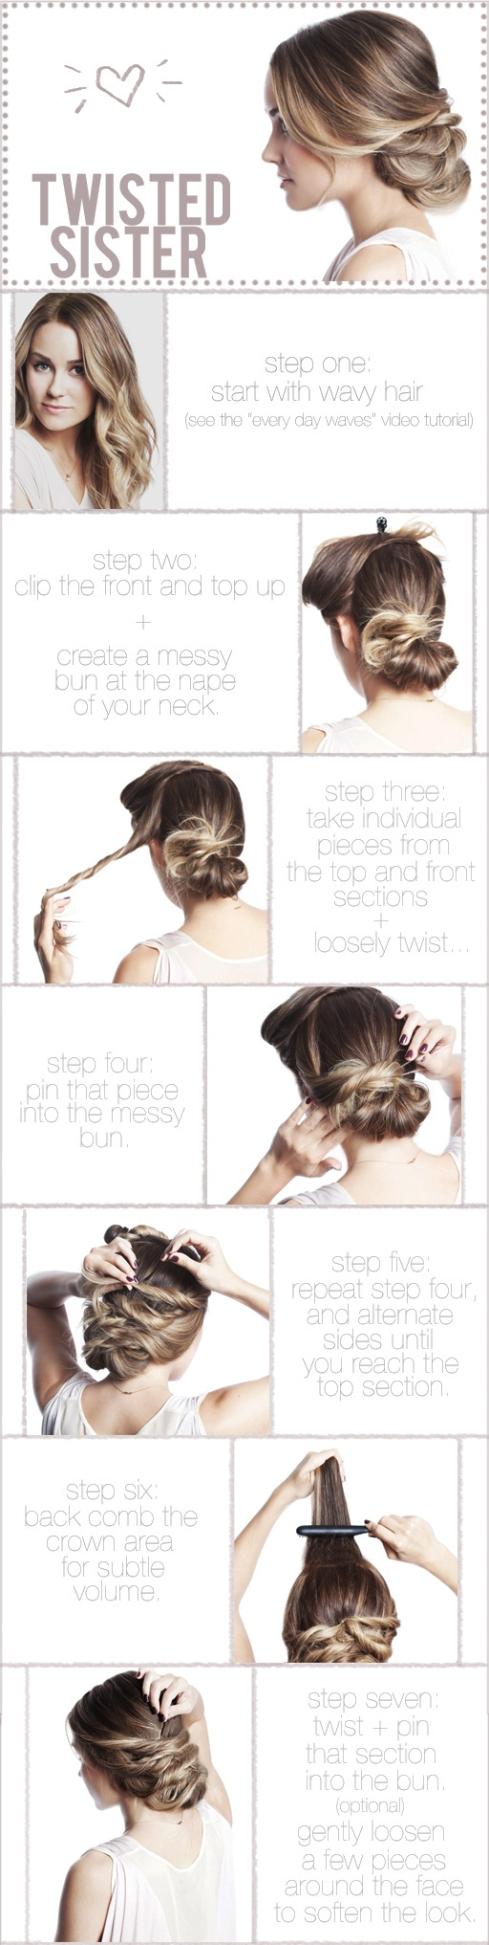 Tutorial de cabelo em foto